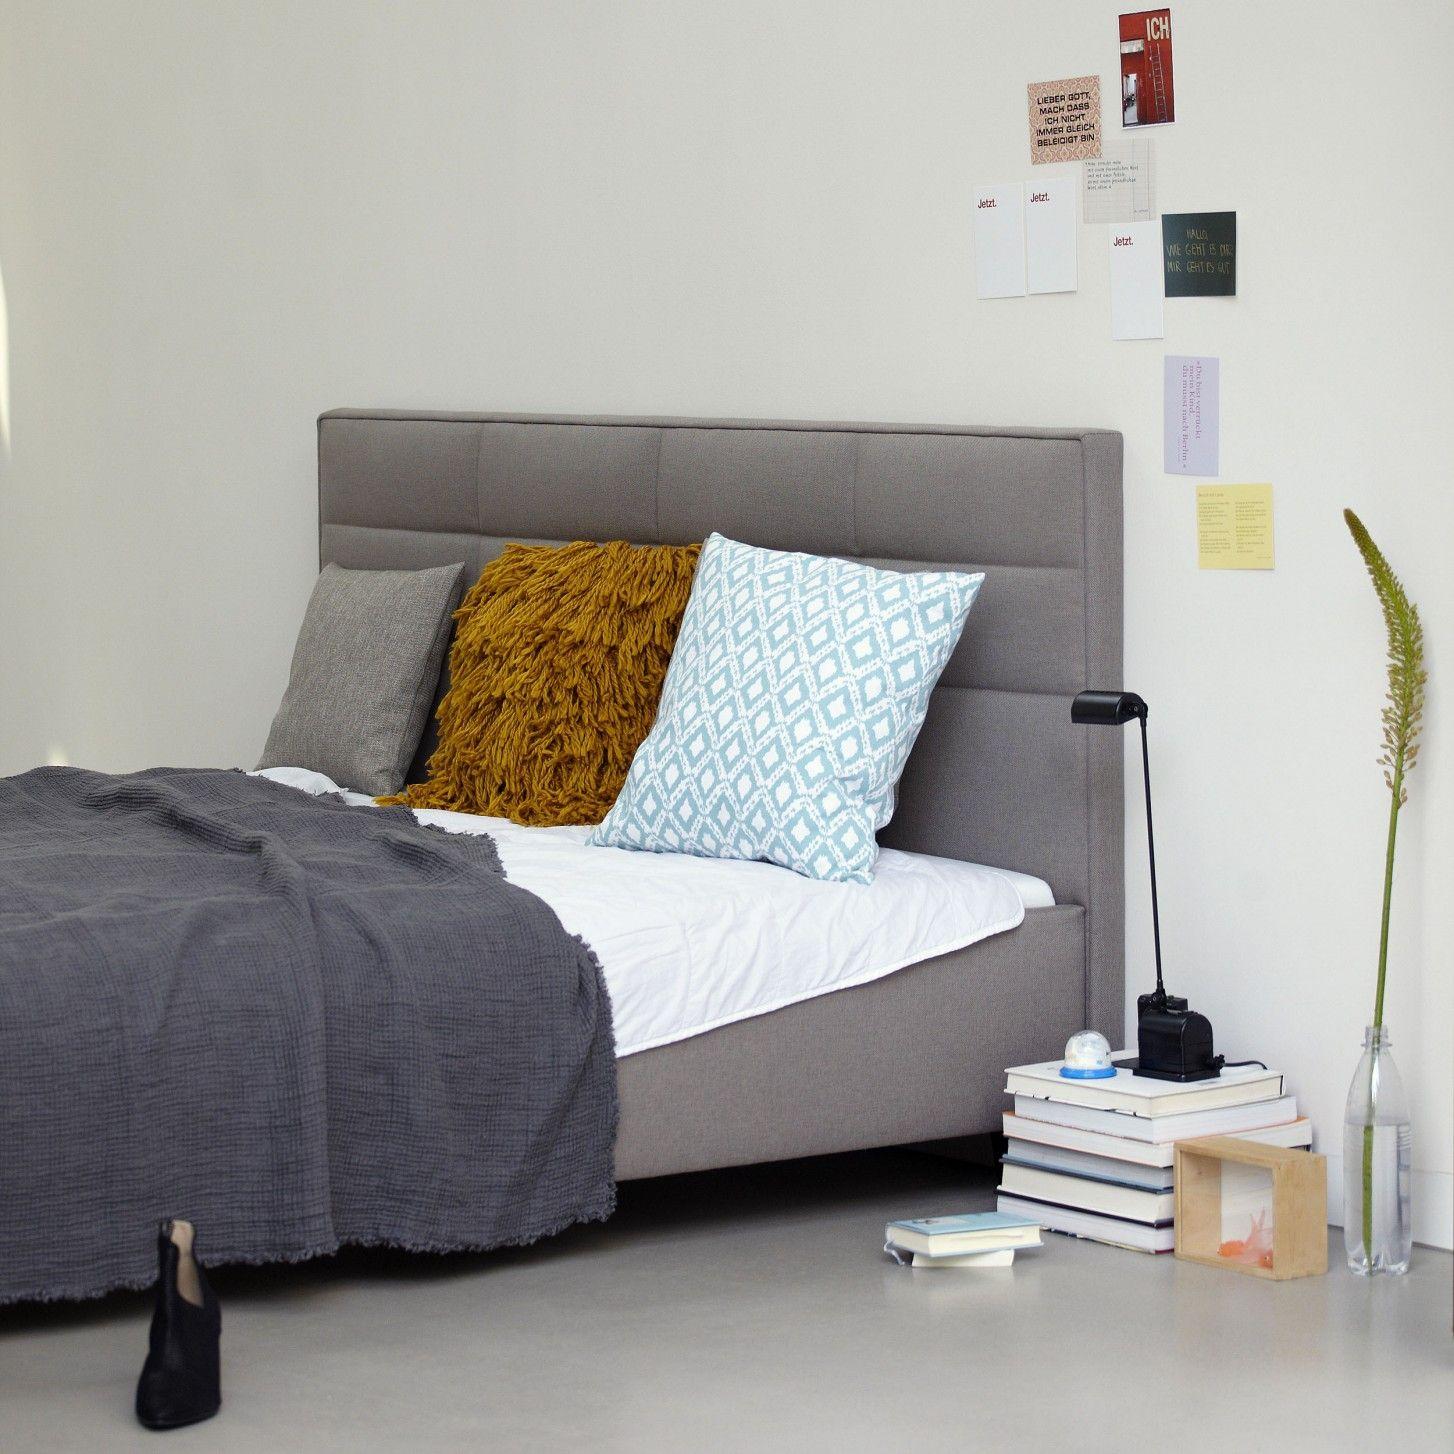 Ikarus Betten tosno polsterbett 660 arch furniture beds